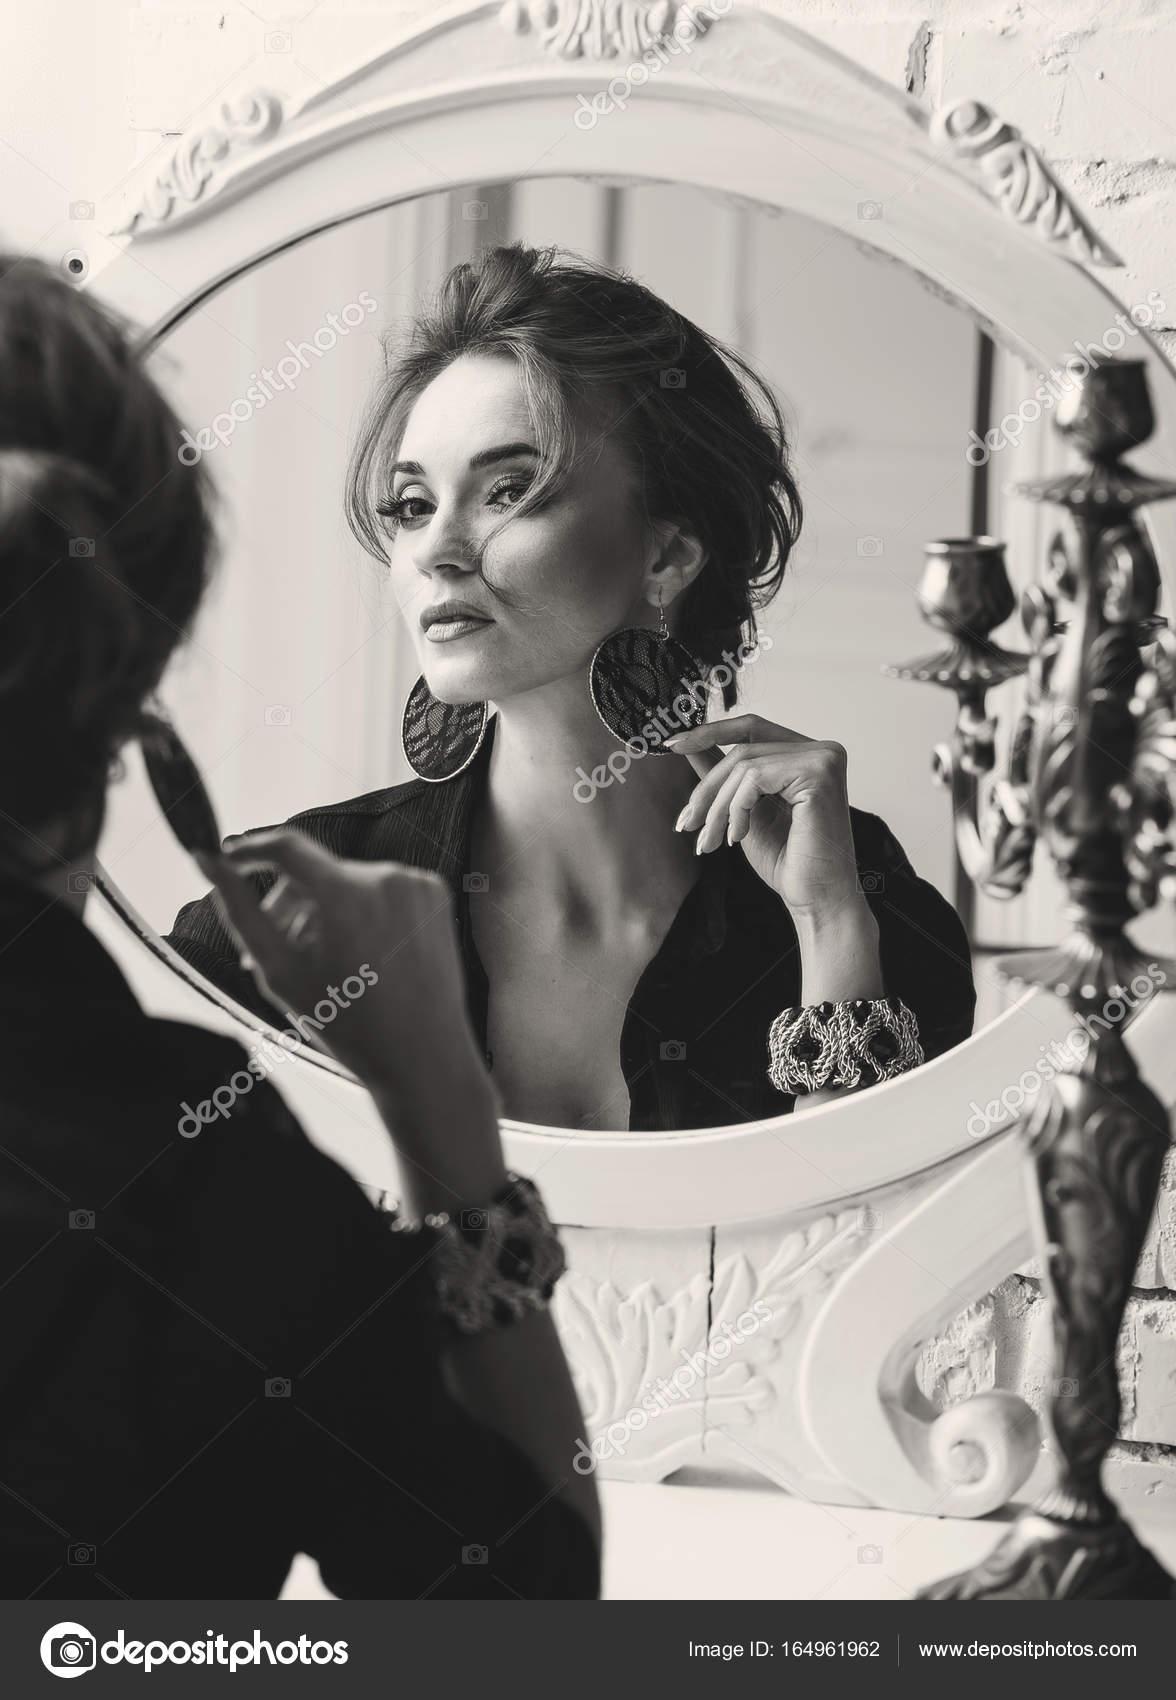 miroir et femme sérieuse de portrait luxe siégeant jeune assez porte maquillage élégante avec Closeup haut beau avec clair jupe le noir en chambre de 6xgqfwn